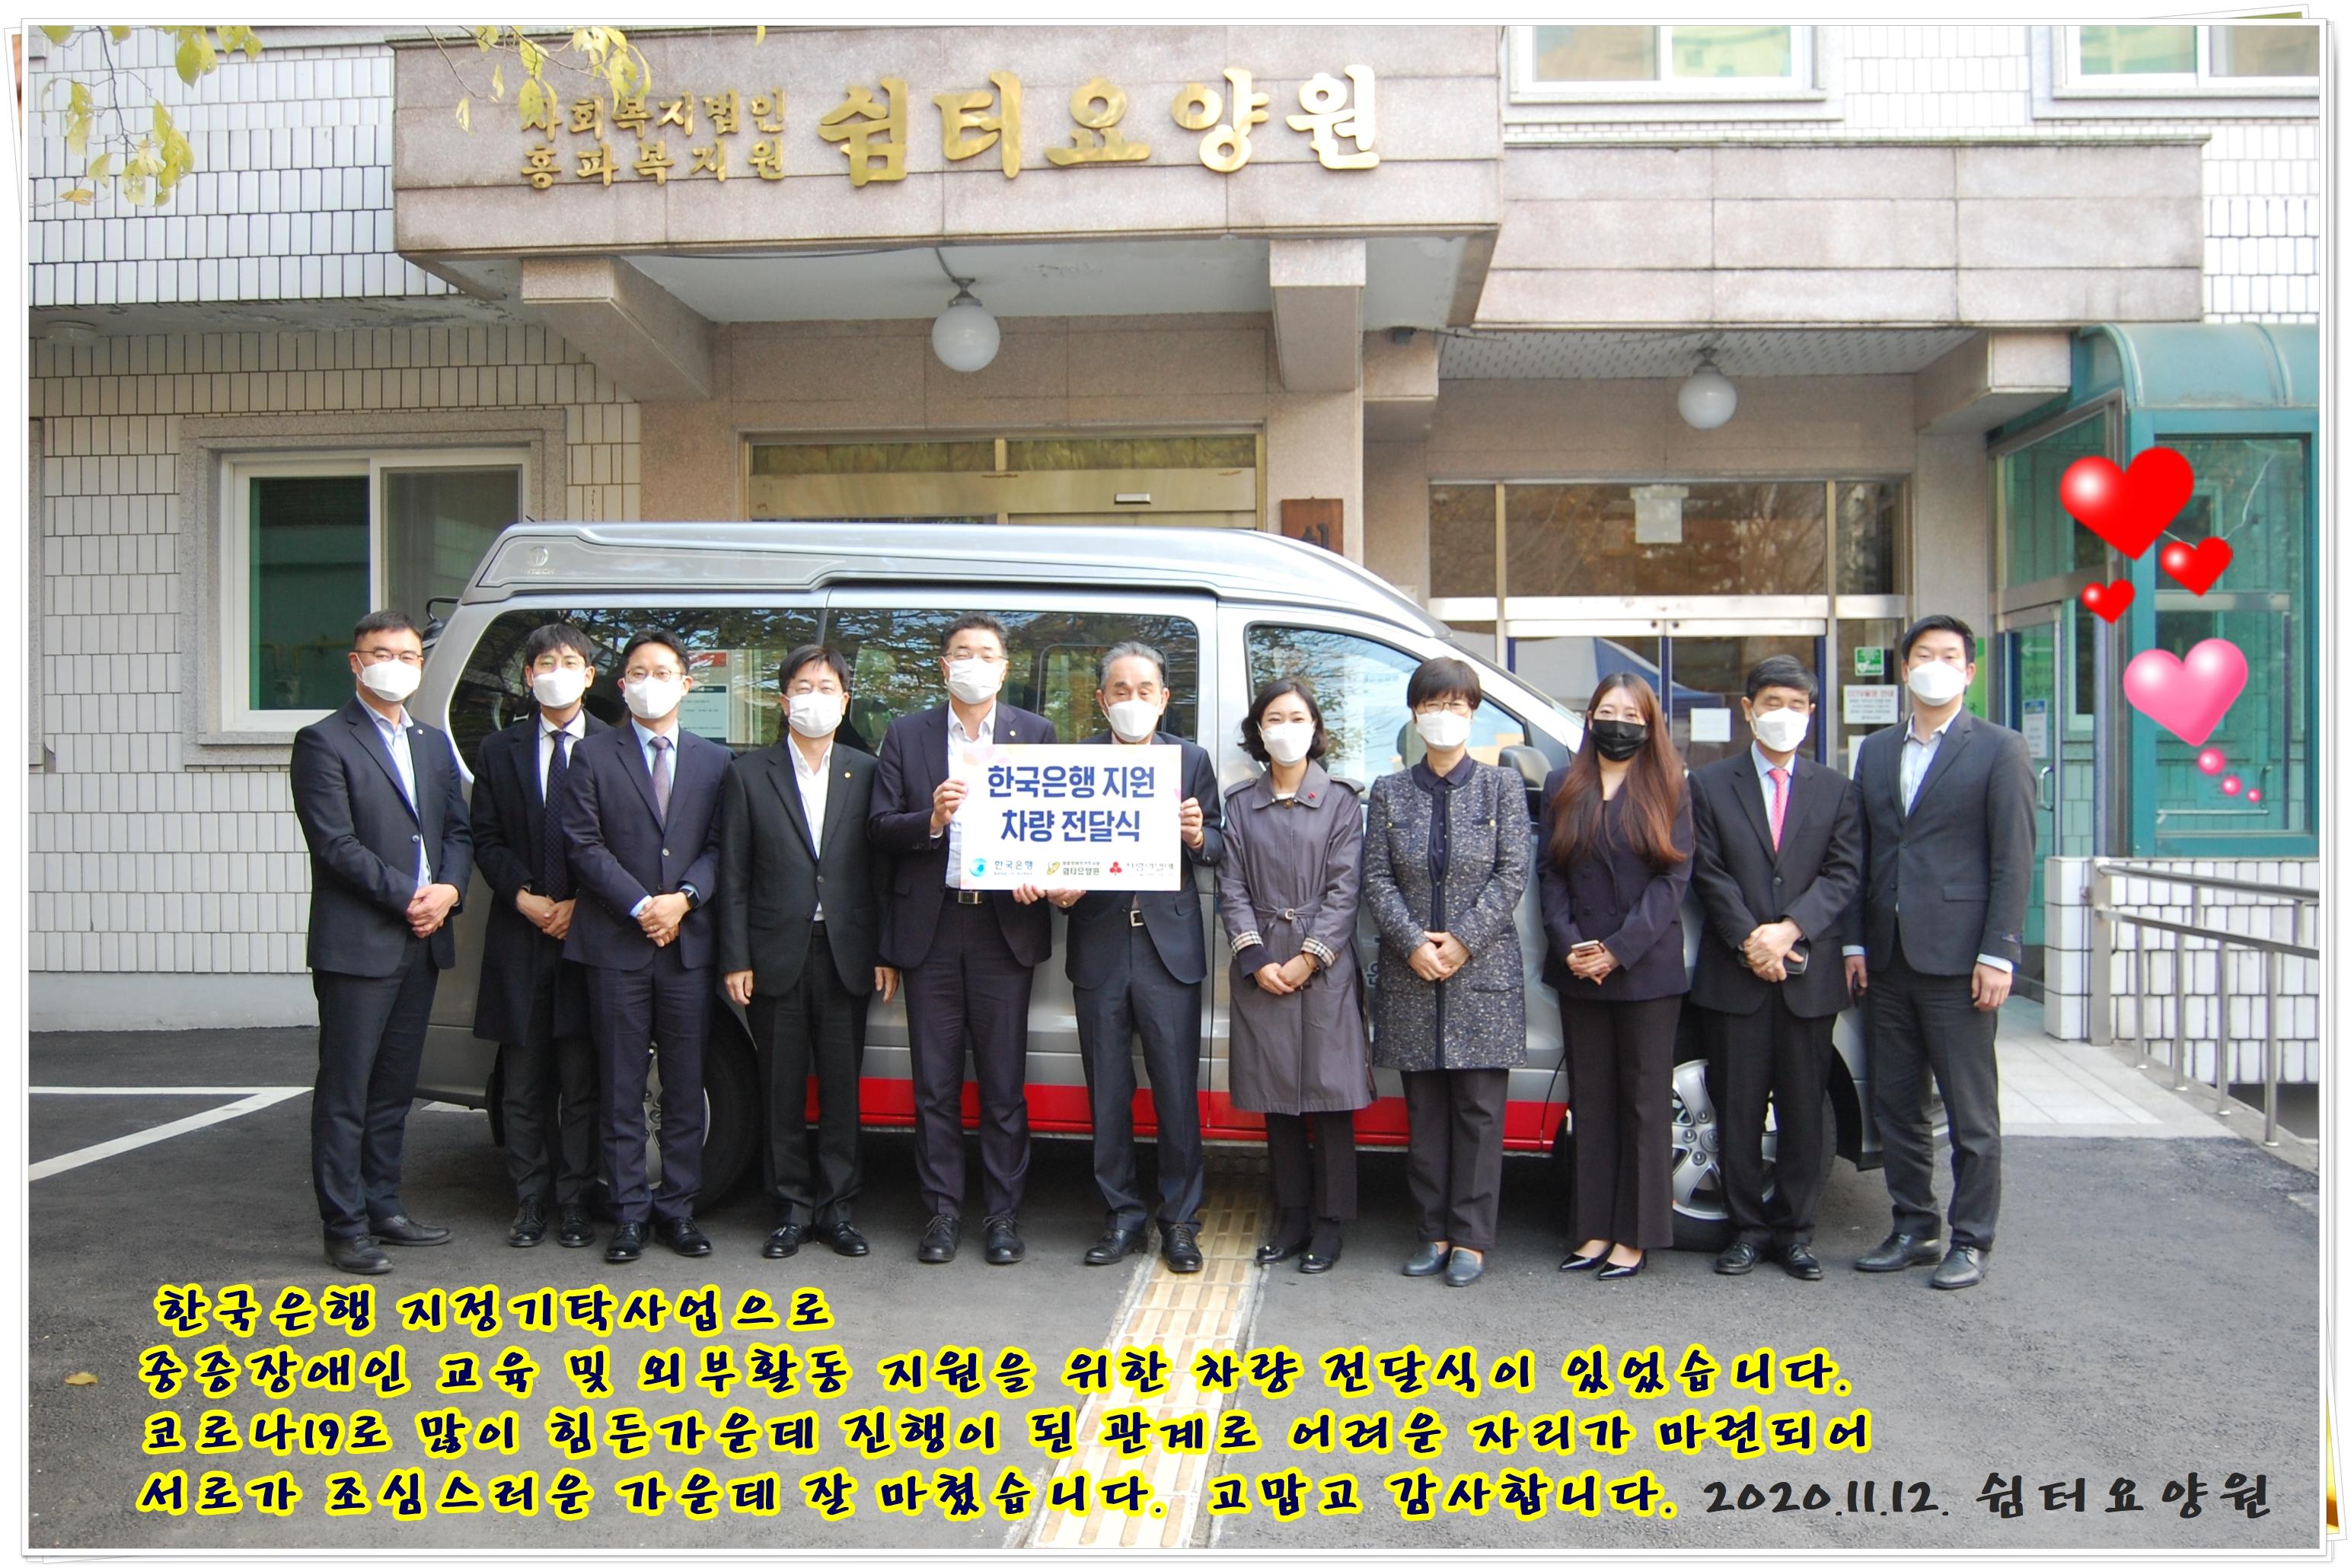 한국은행 차량지원 전달